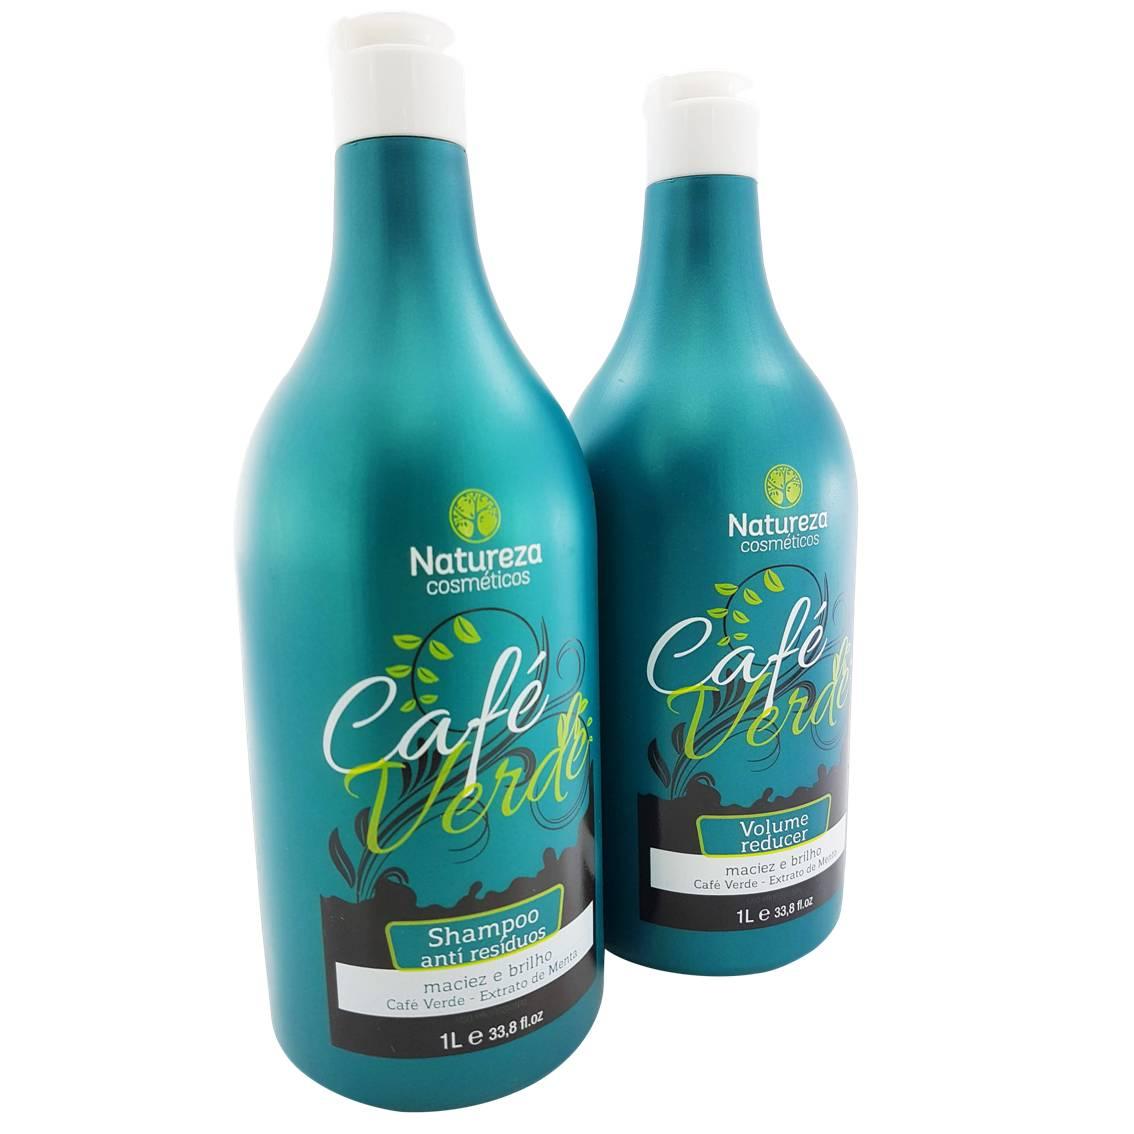 Progressiva de Café Verde - Shampoo 1 litro + Redutor 1 litro